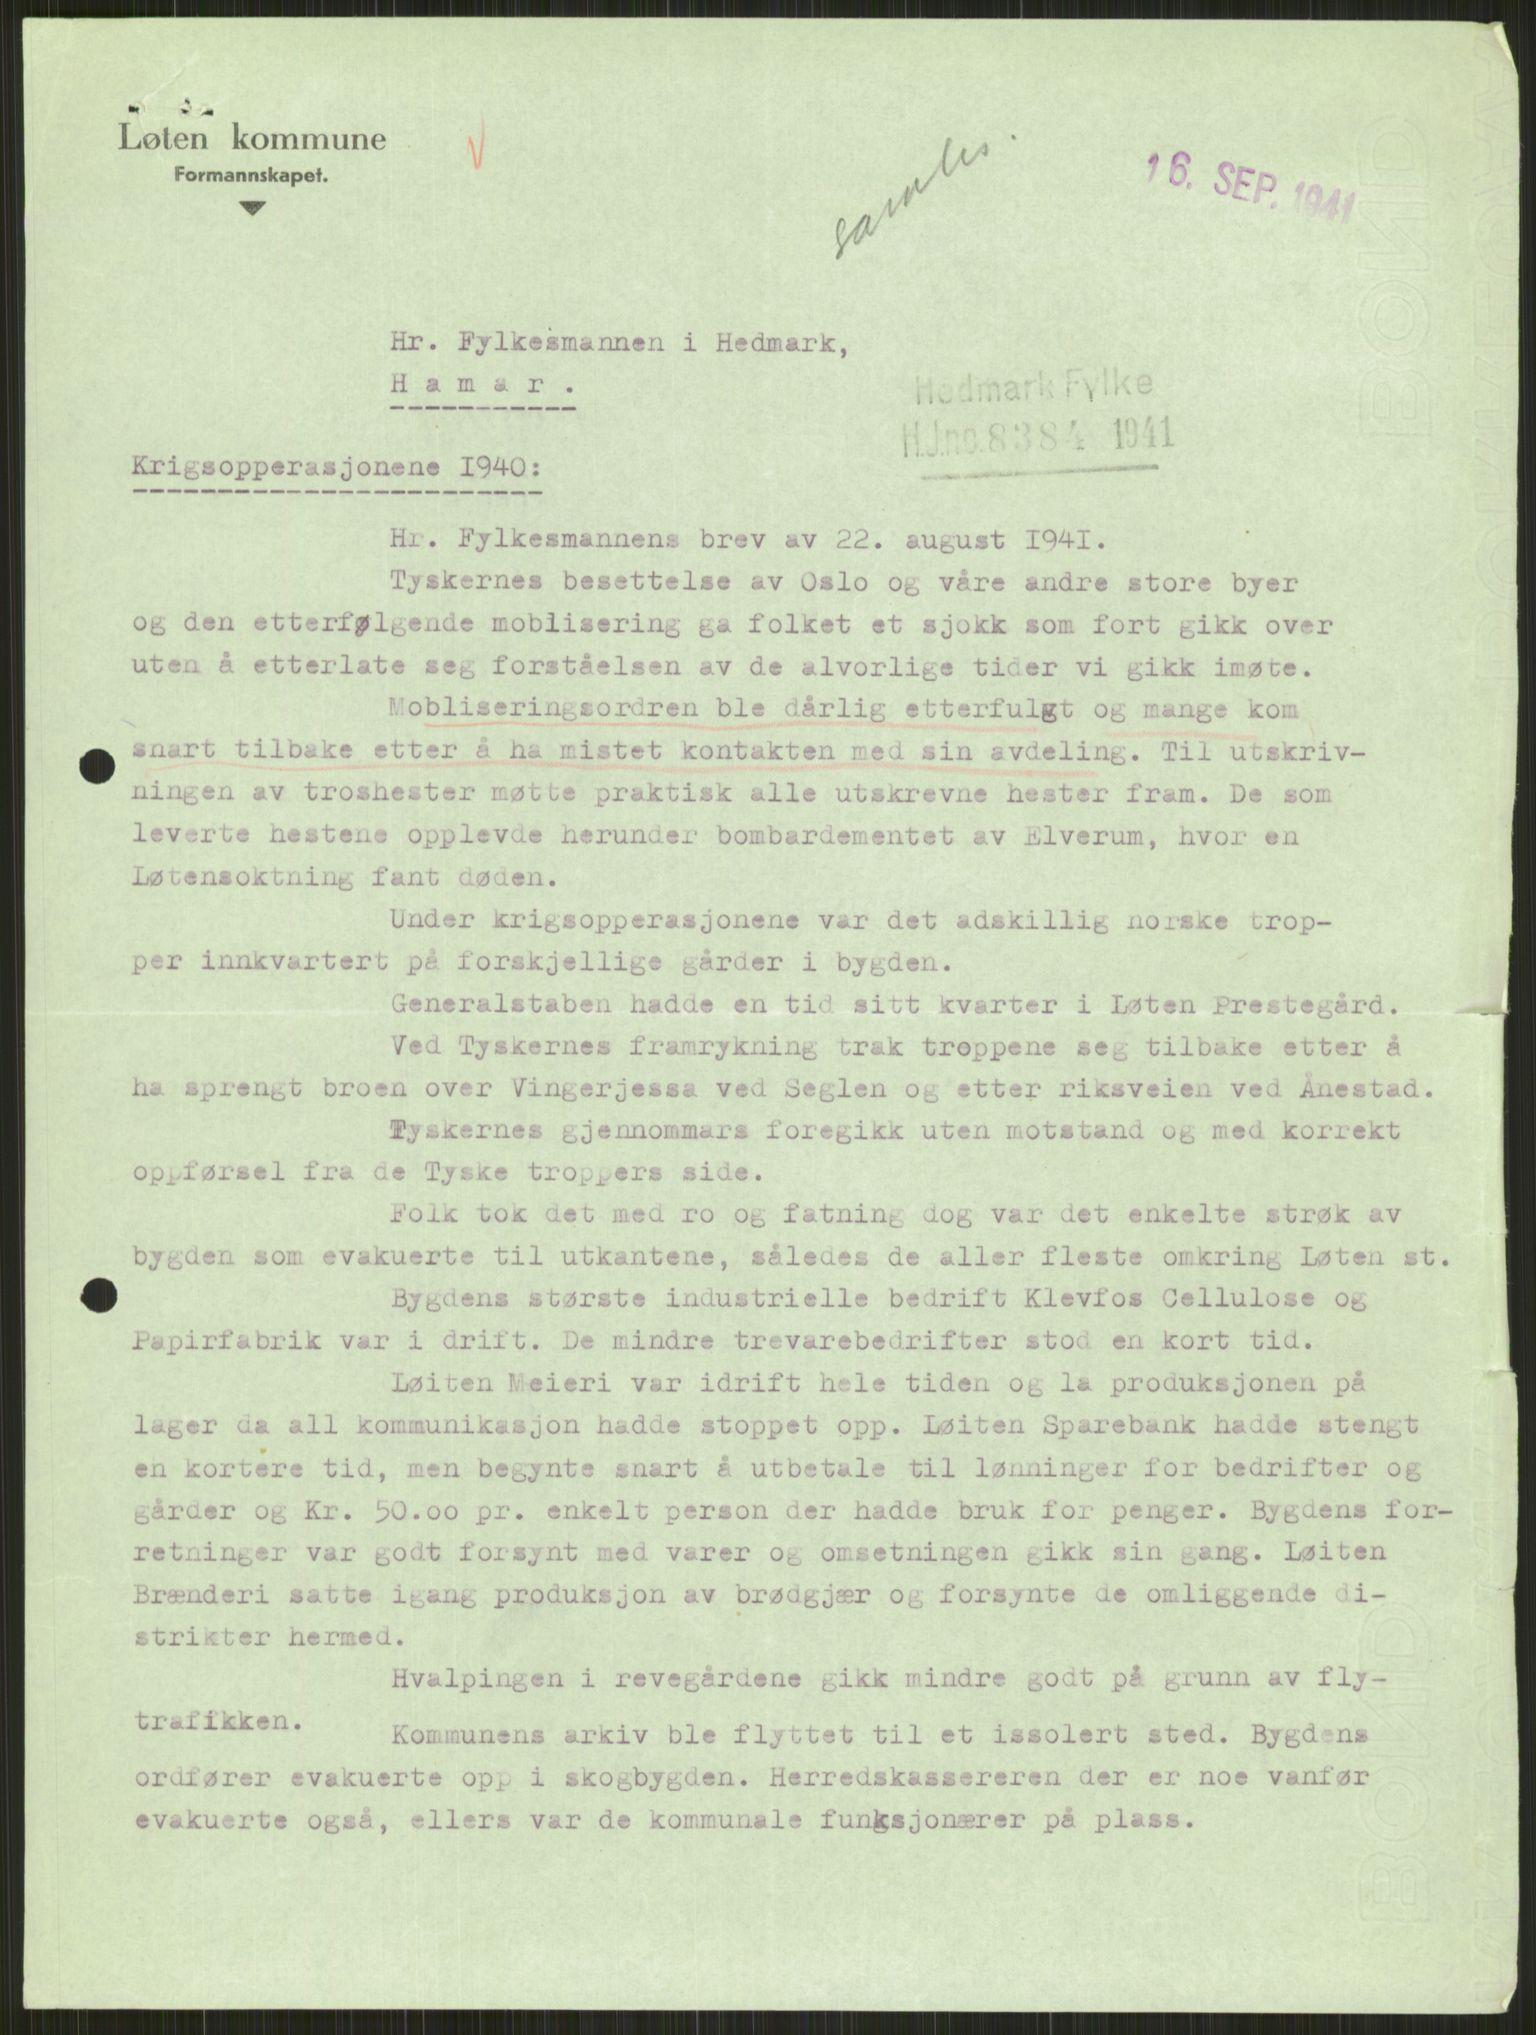 RA, Forsvaret, Forsvarets krigshistoriske avdeling, Y/Ya/L0013: II-C-11-31 - Fylkesmenn.  Rapporter om krigsbegivenhetene 1940., 1940, s. 931